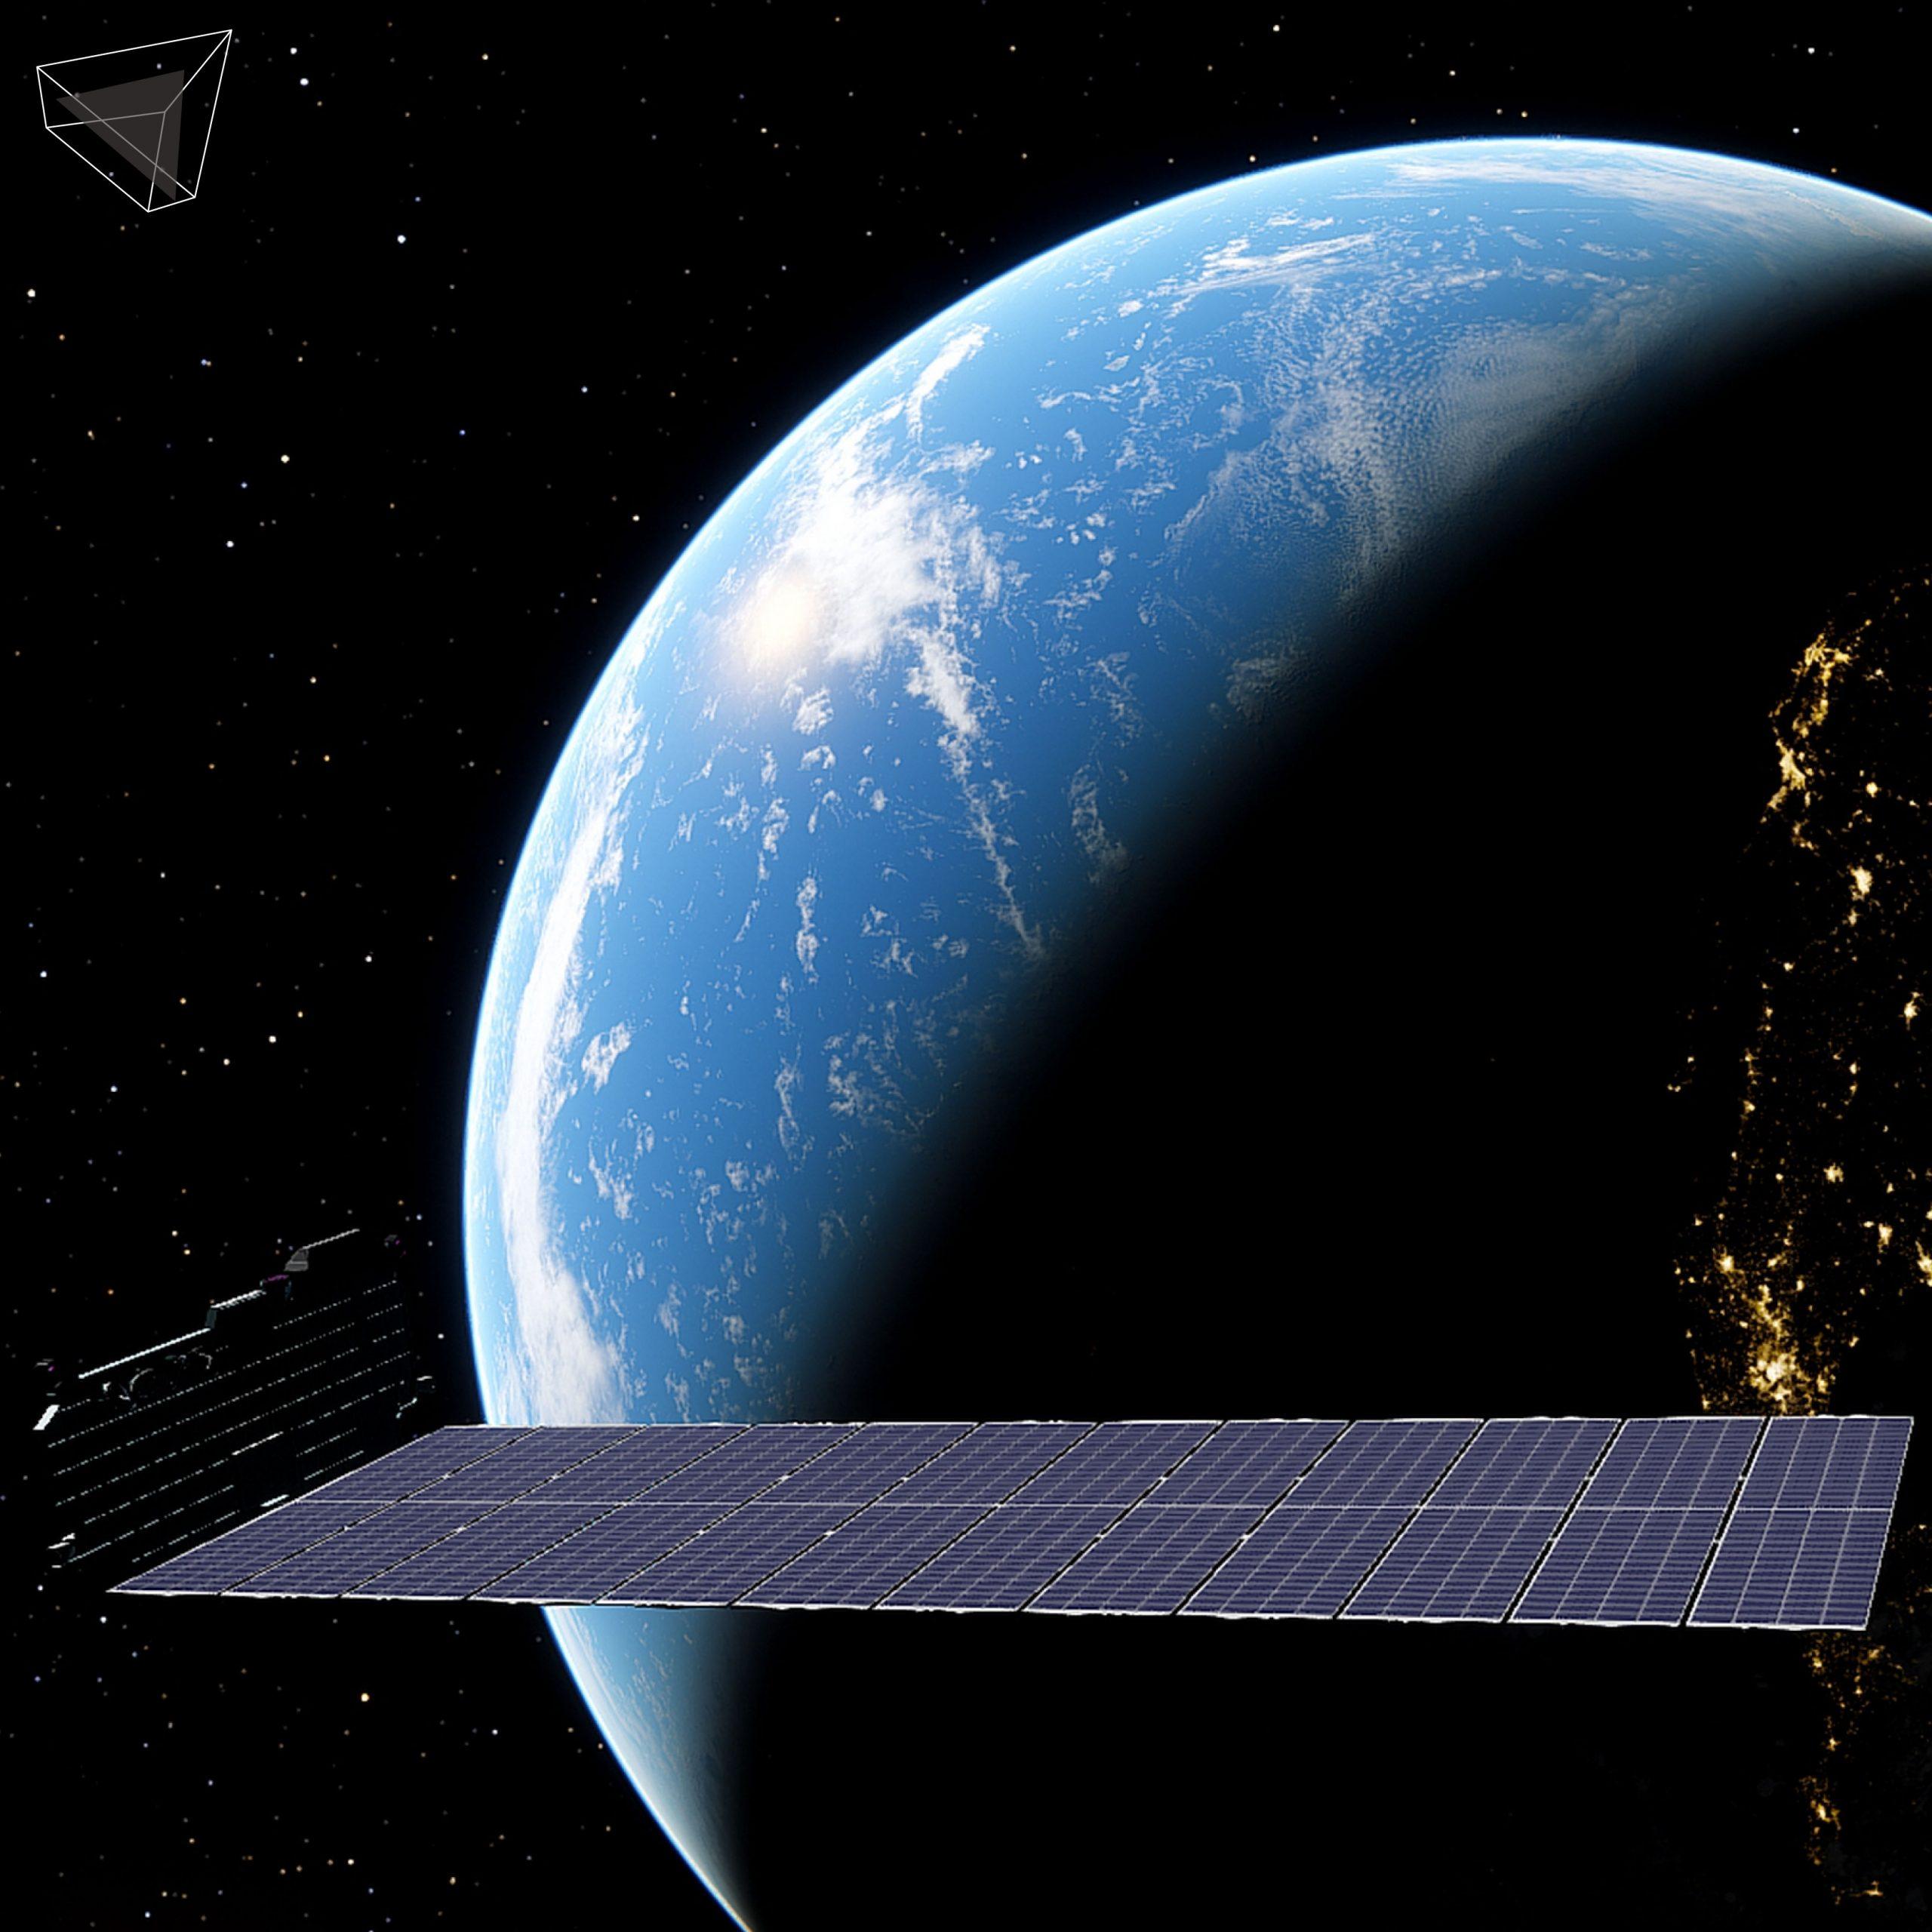 Starlink ฮินเทอร์เน็ตดาวเทียม